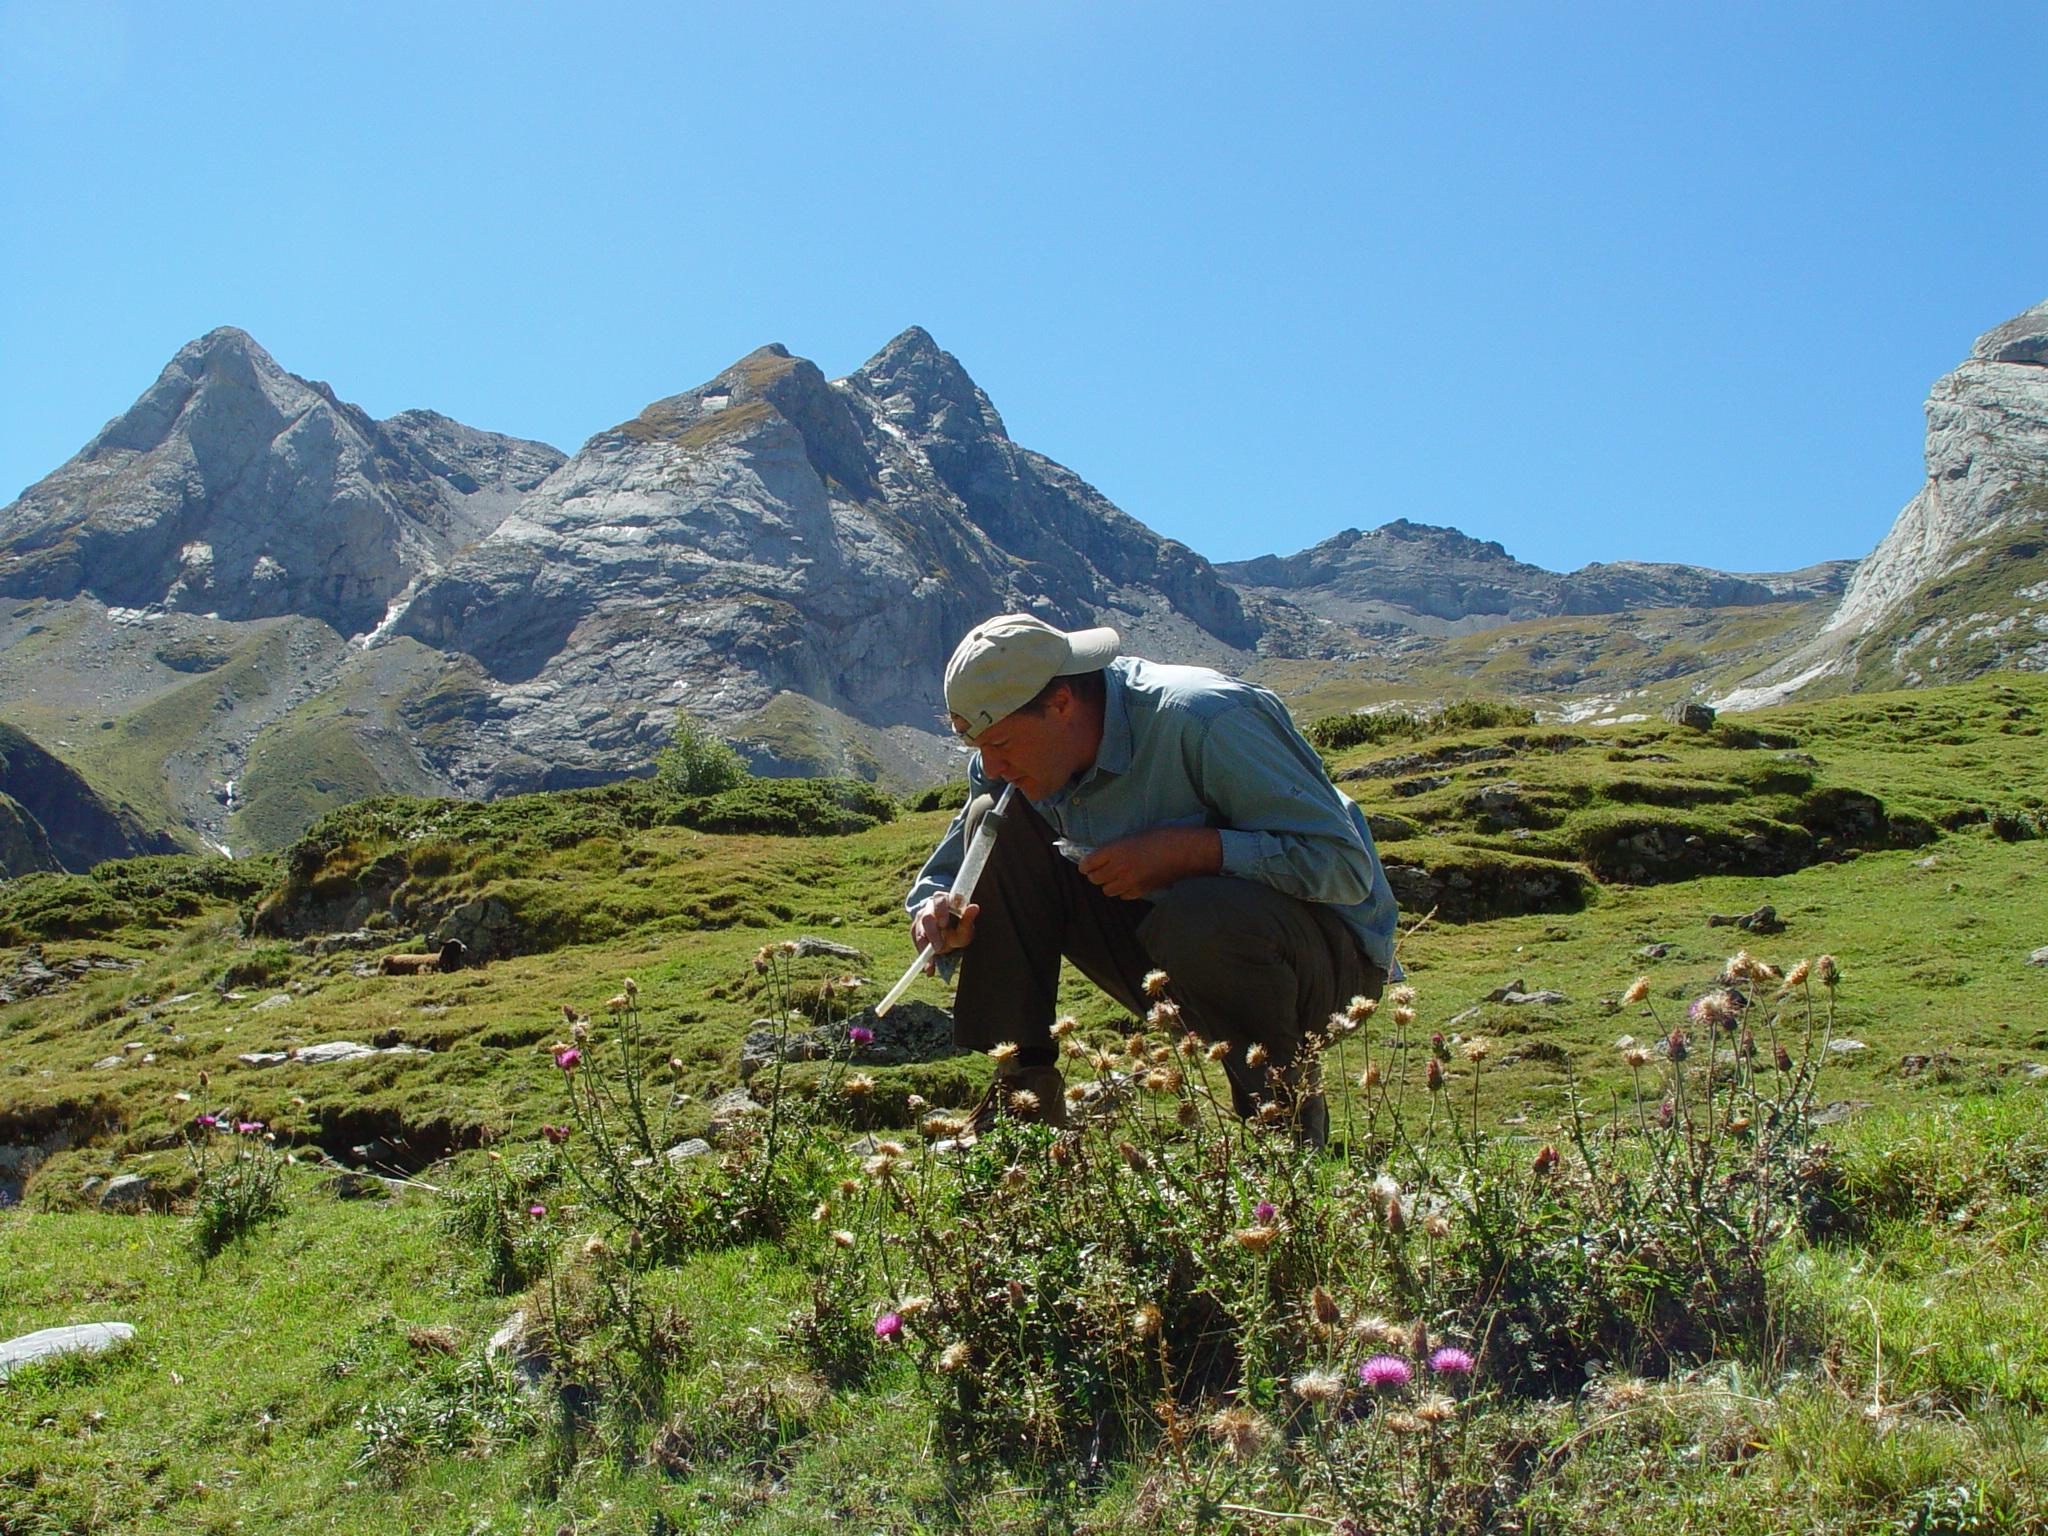 Bijen in de Pyreneeën leven tegenwoordig 130 meter hoger dan aan het eind van de 19de eeuw